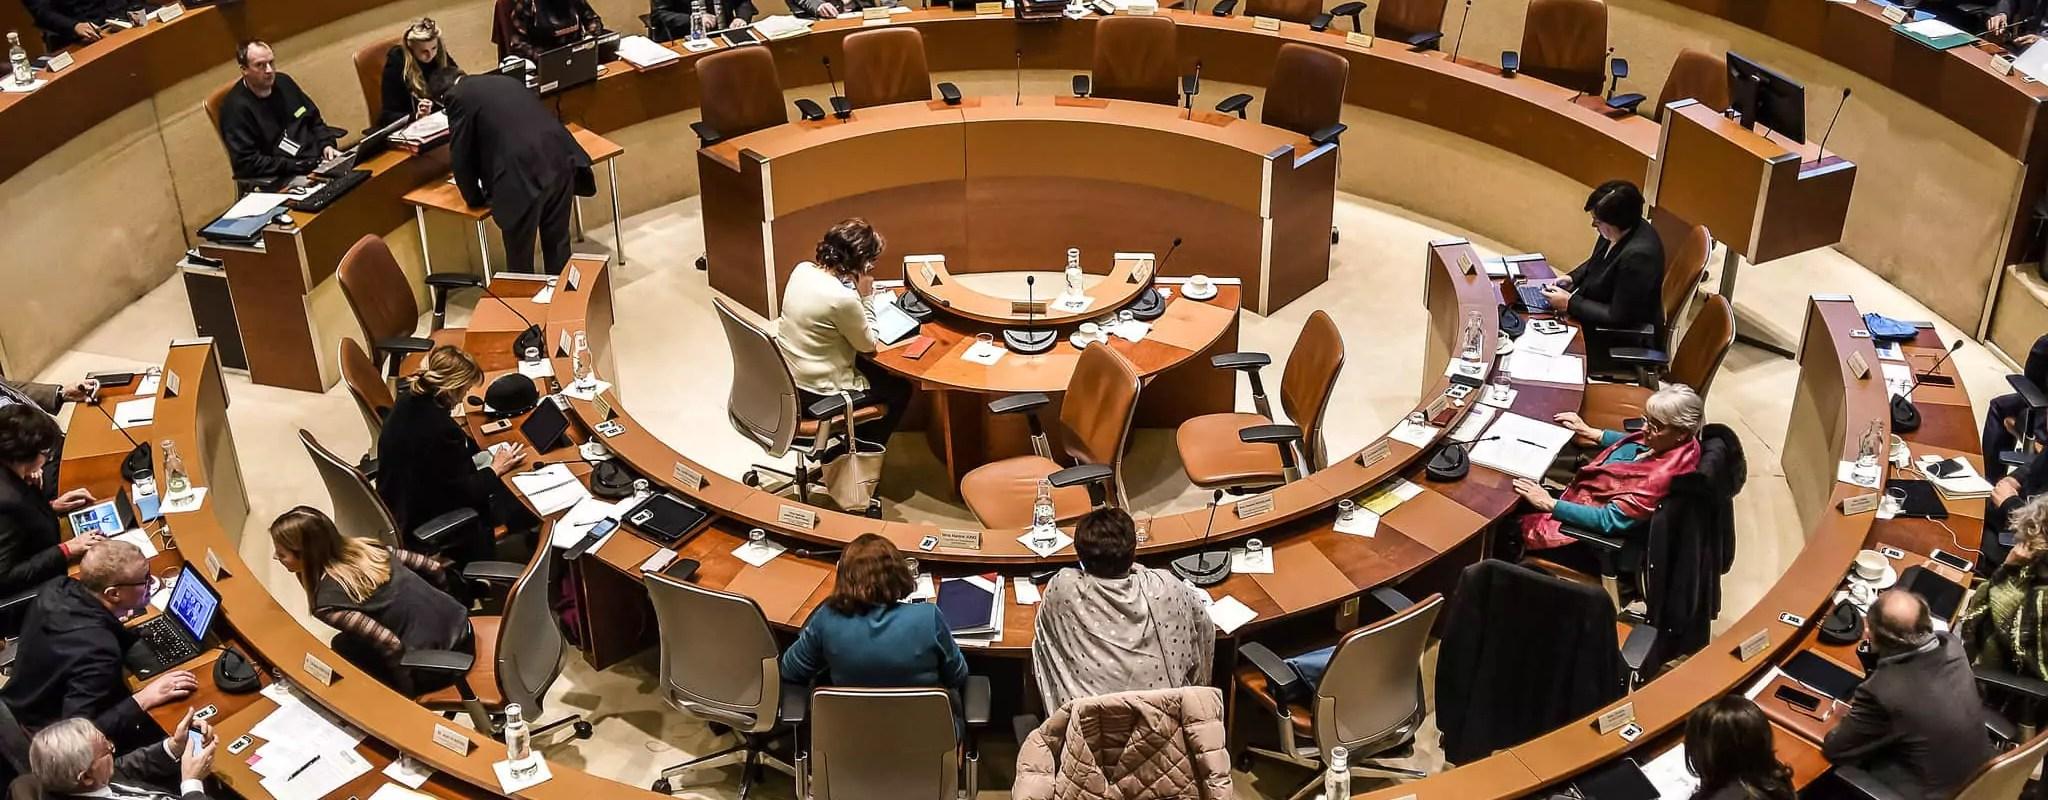 Au conseil de l'Eurométropole, un sursis pour la SIG Arena, AirBnb, séismes et transports gratuits les jours de pollution